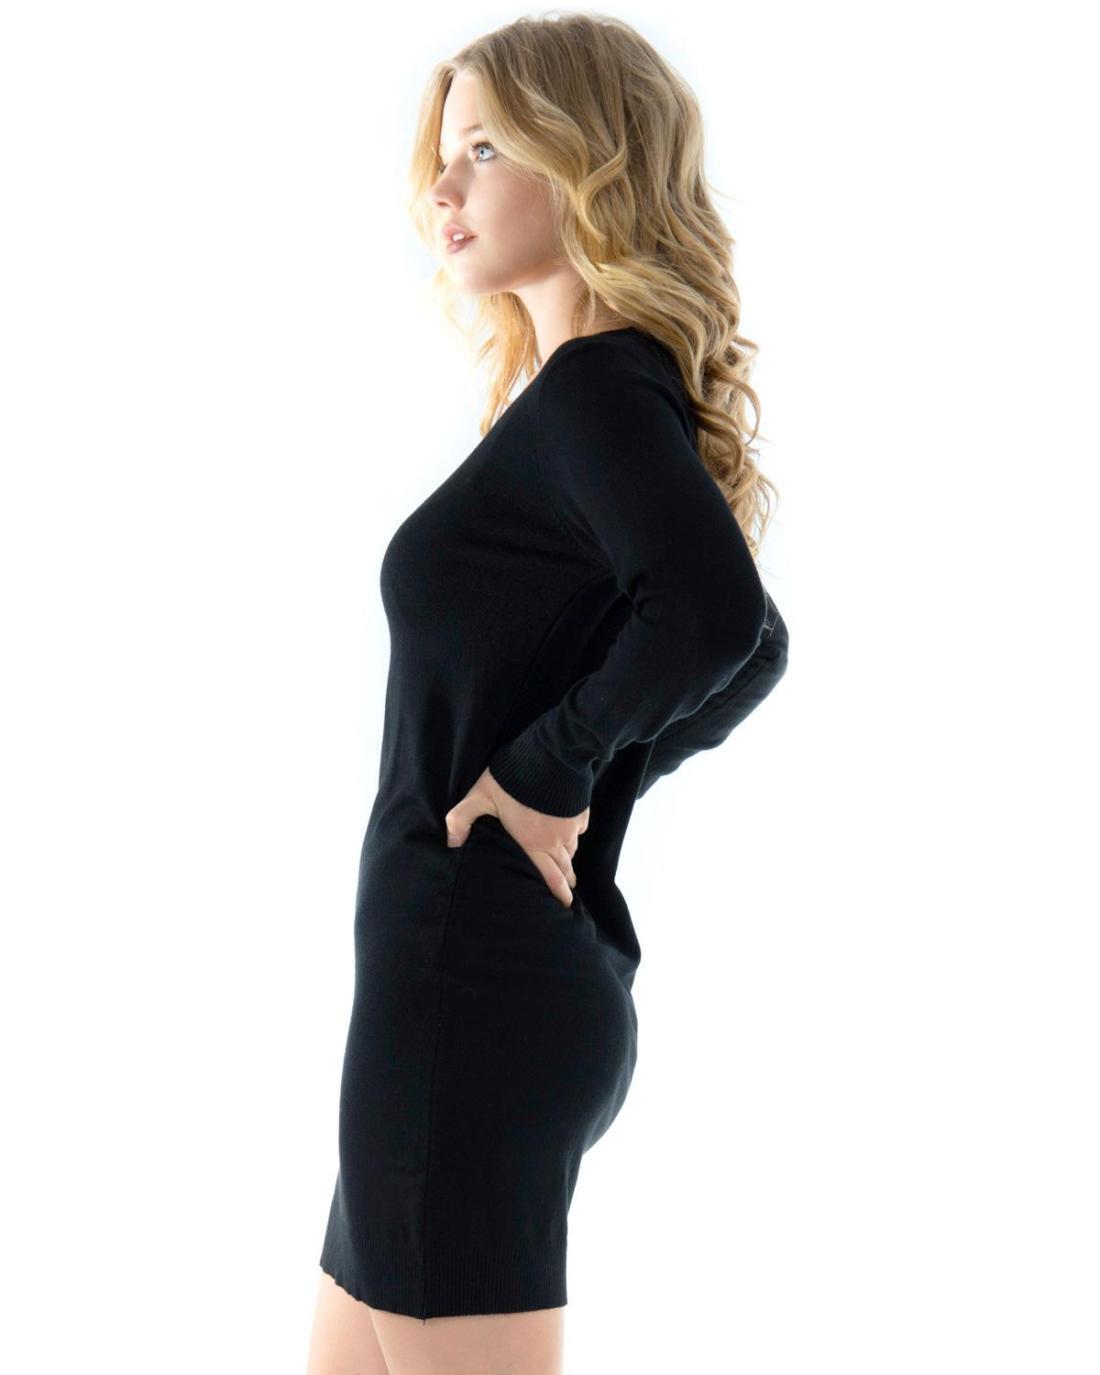 Μπλουζοφόρεμα μαύρο